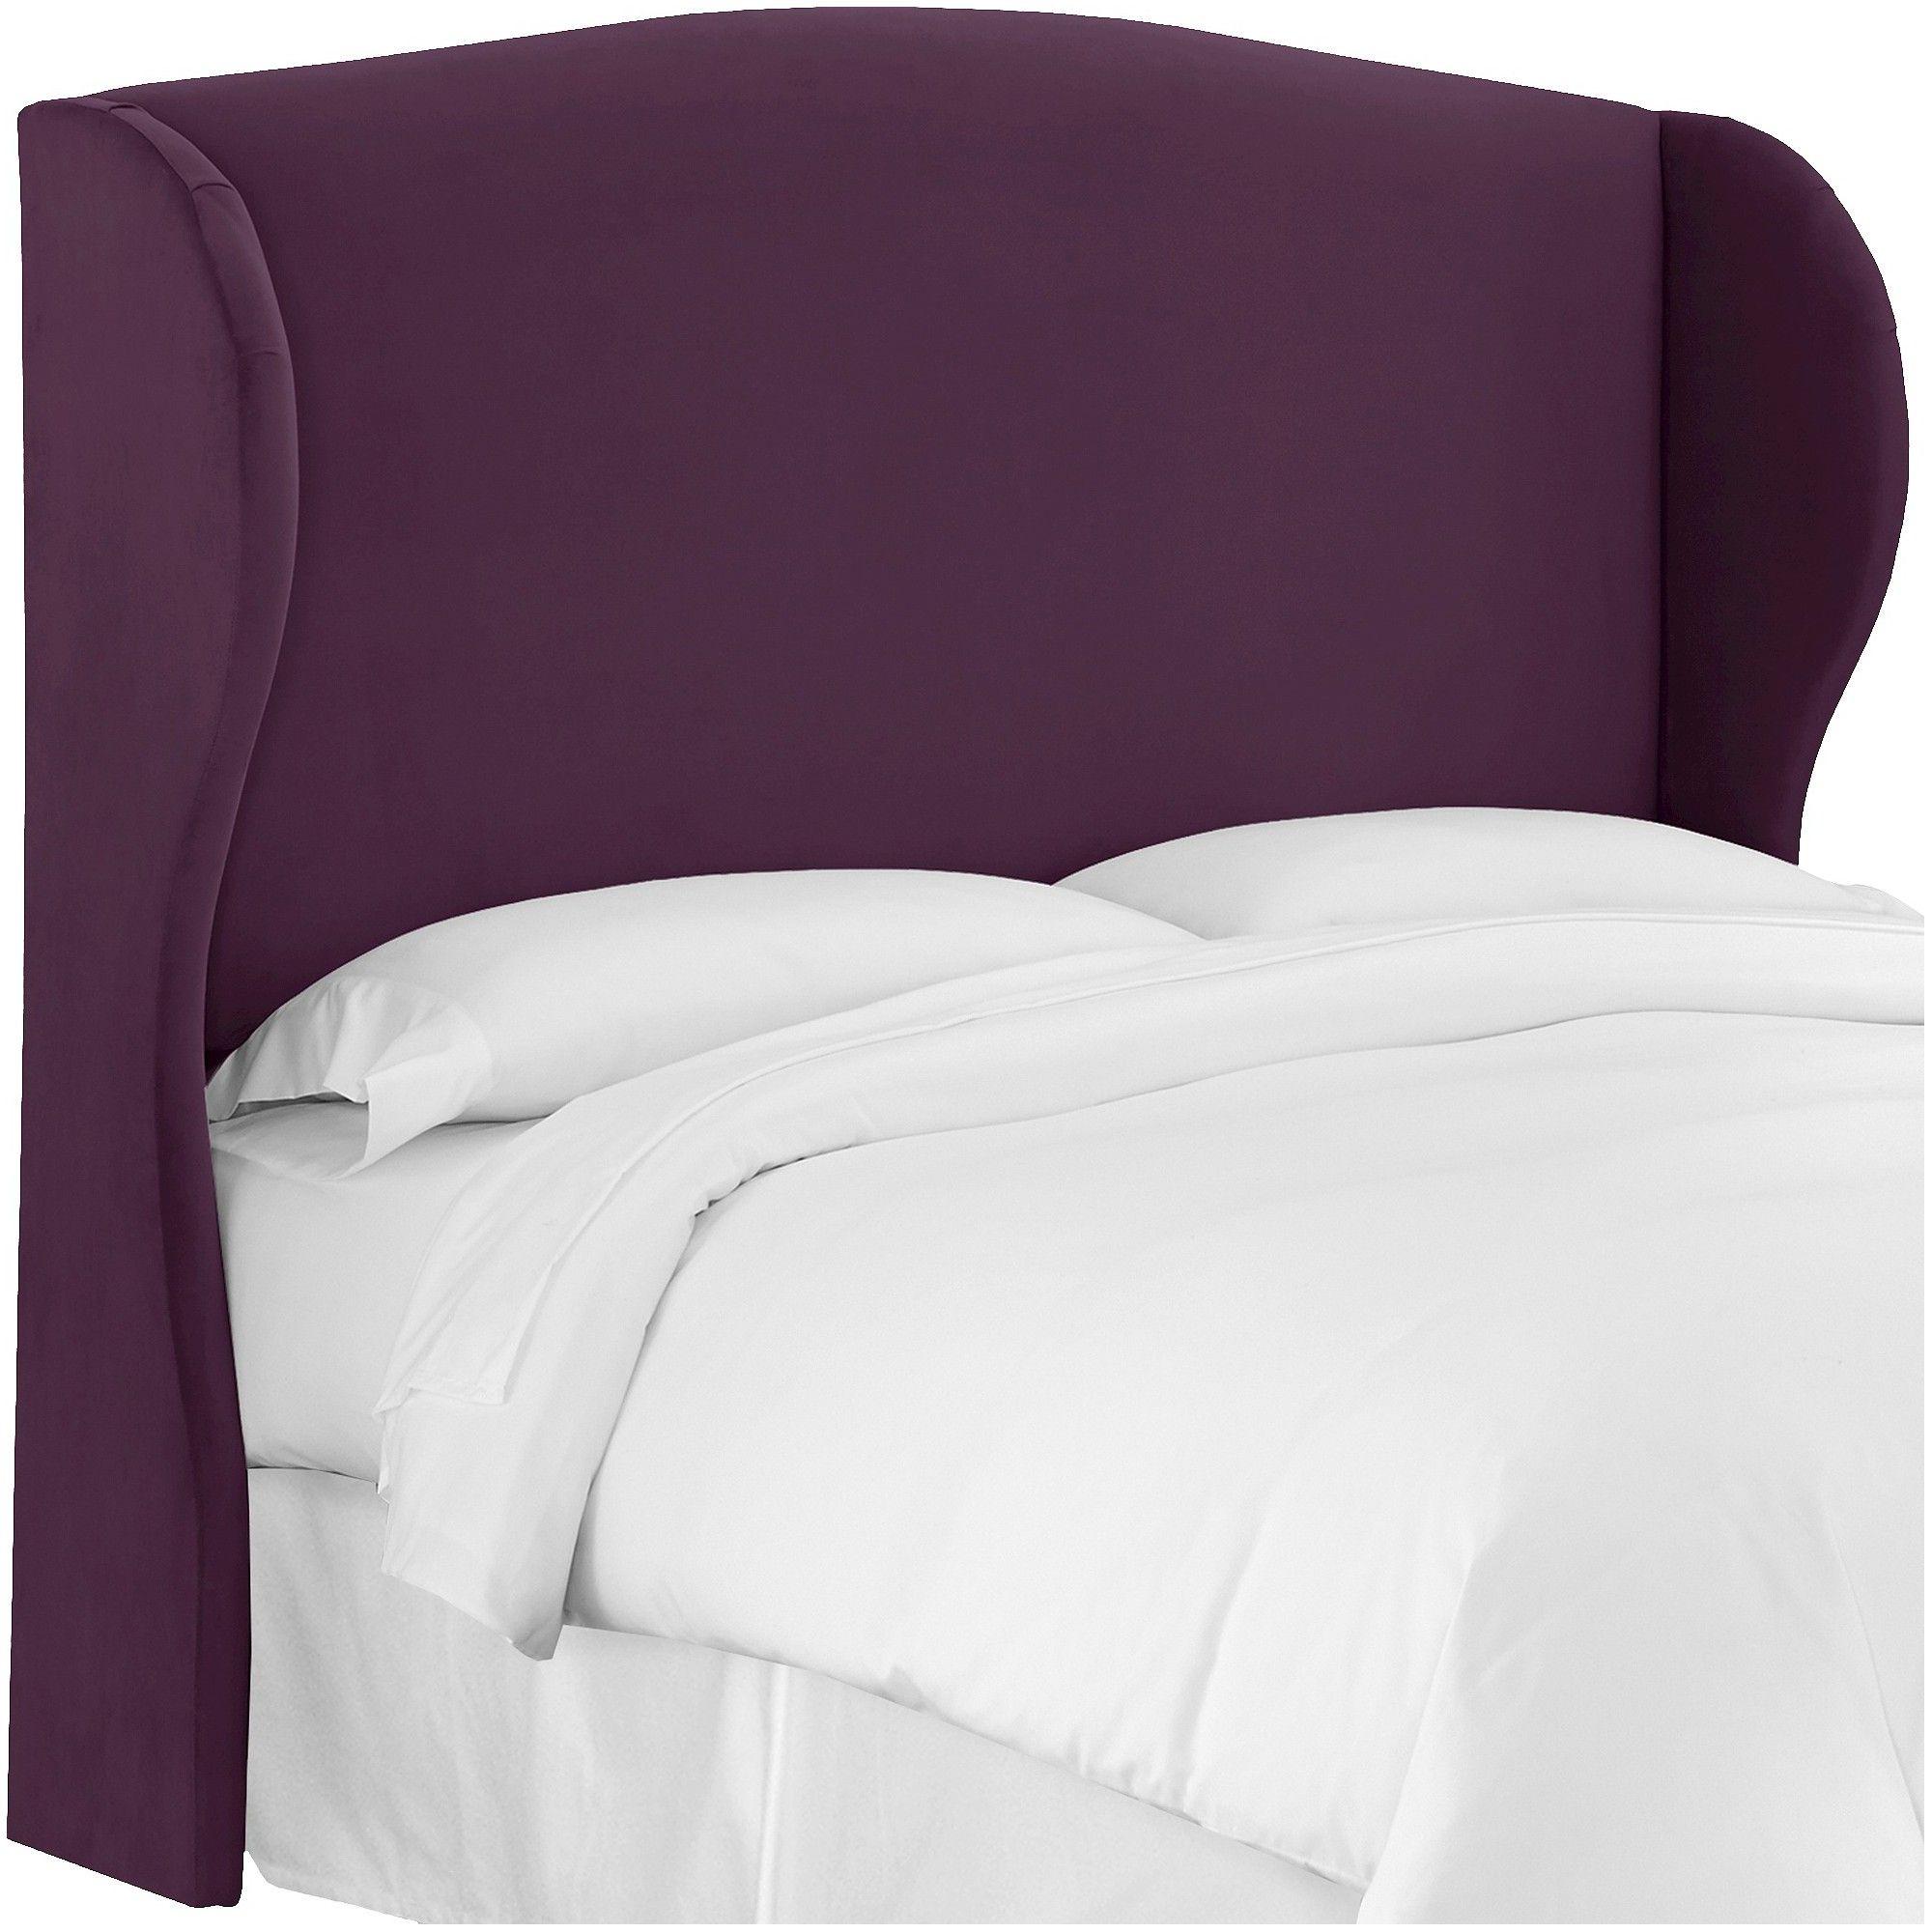 Skyline Tilton Fenwick Wingback Headboard - Velvet - Skyline Furniture, Velvet Aubergine